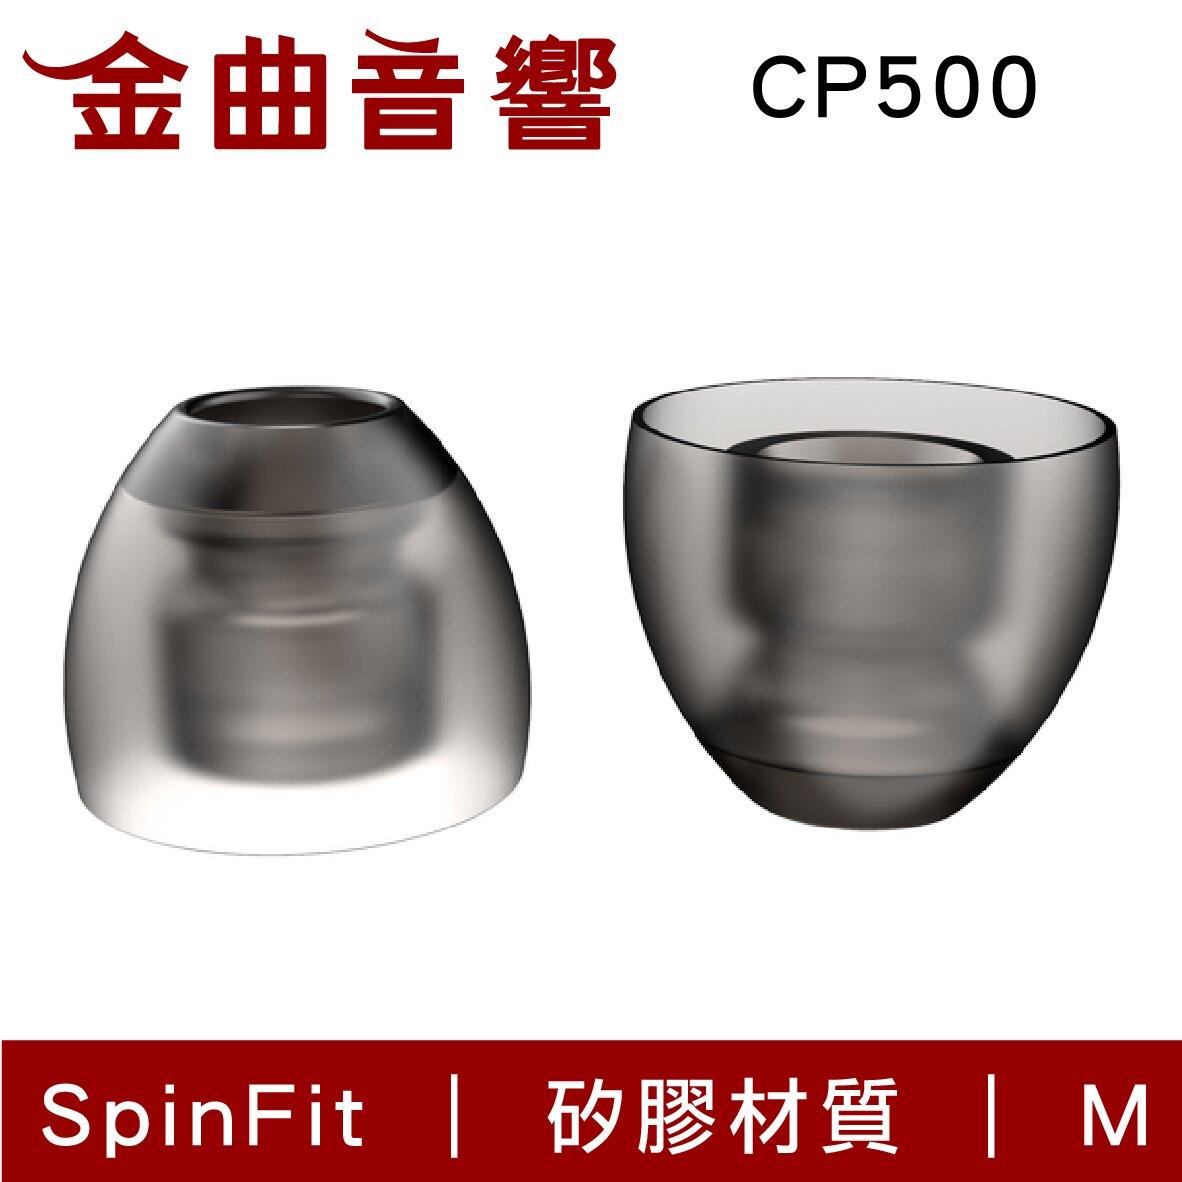 SpinFit CP500 M 一對 JVC Final 適用 矽膠 耳塞   金曲音響